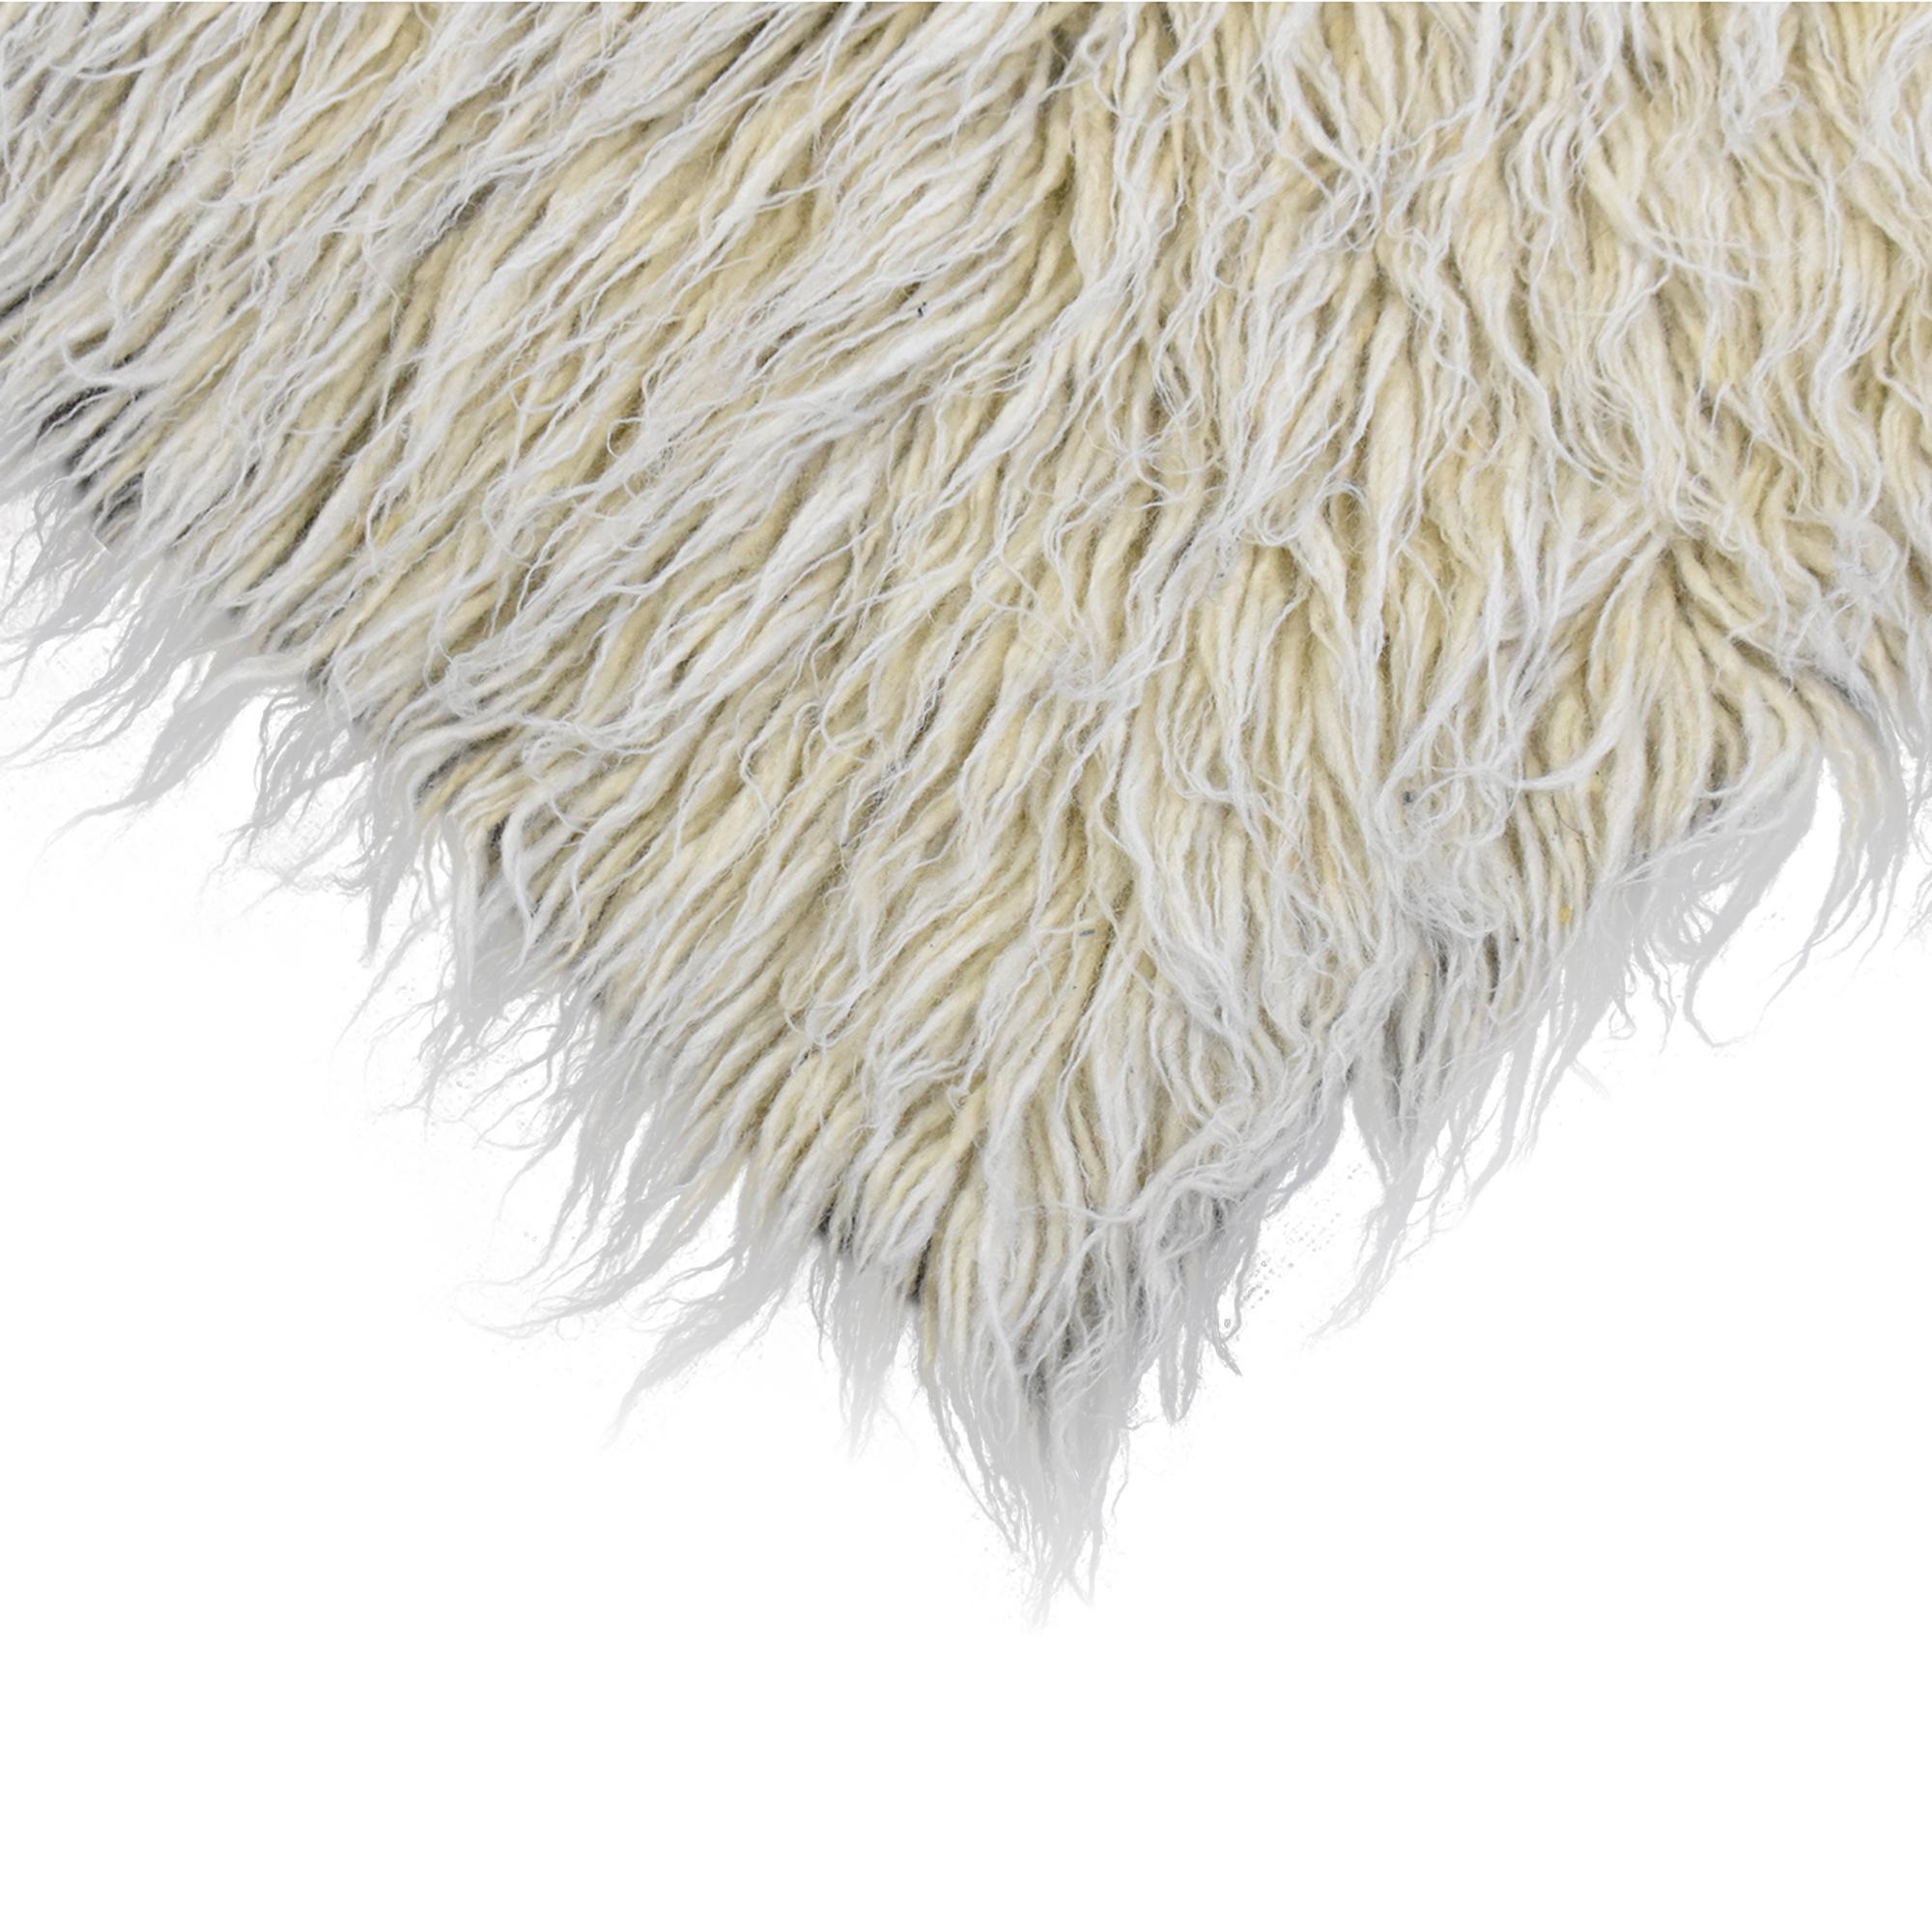 ABC Carpet & Home ABC Carpet & Home Shag Area Rug second hand